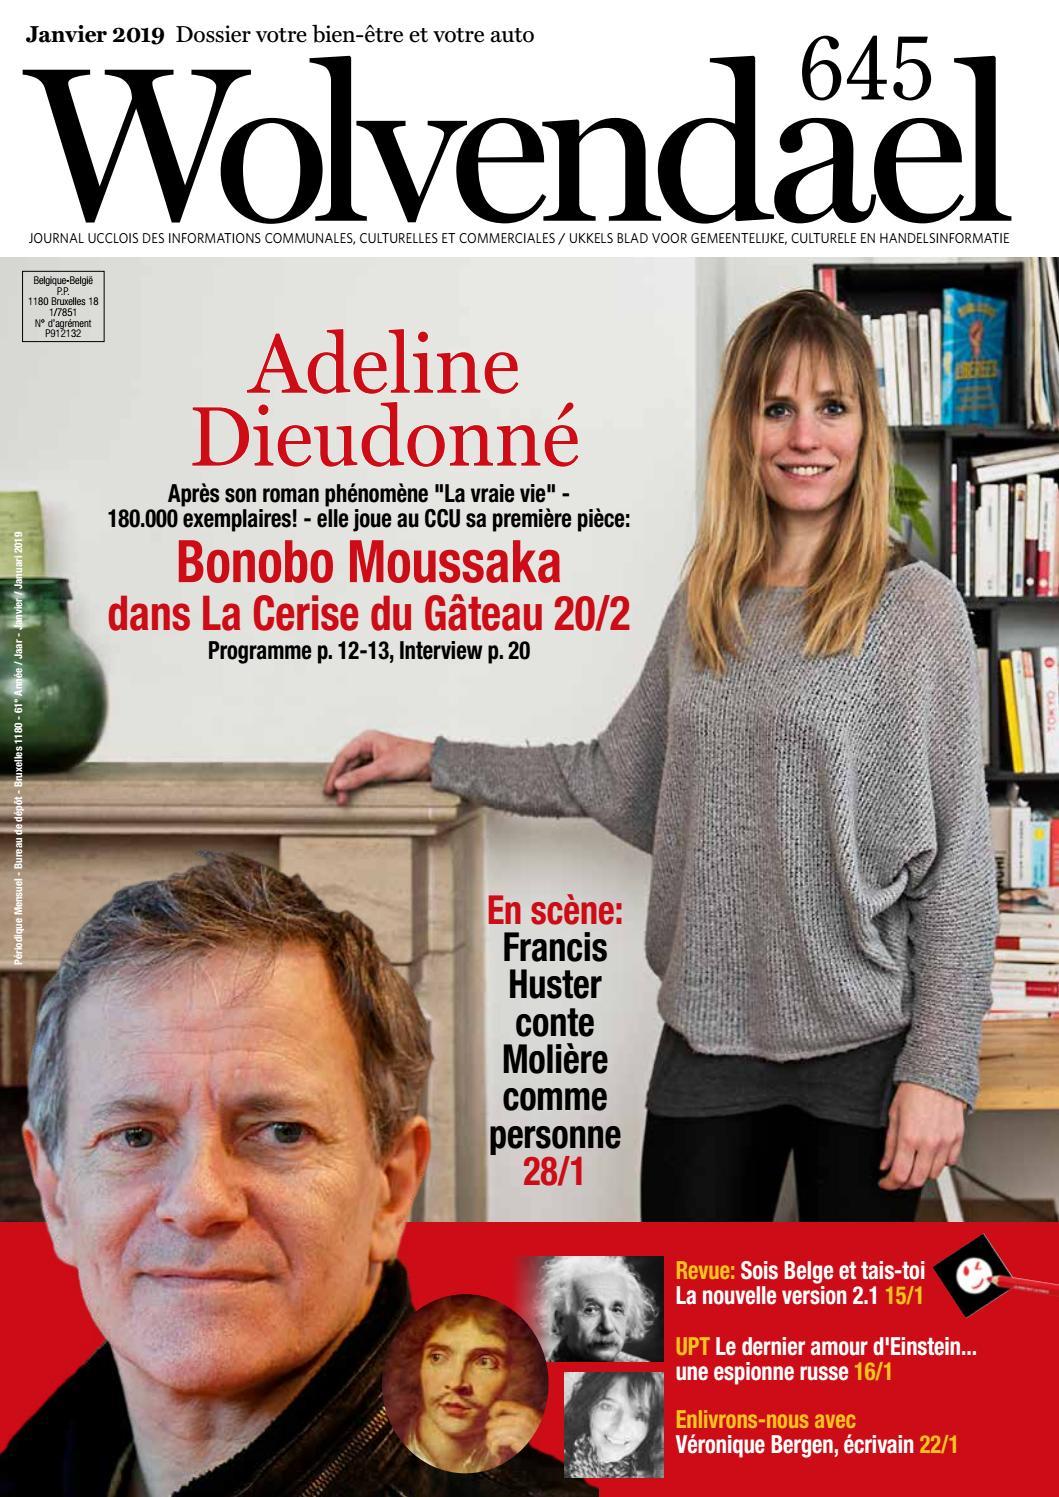 Wolvendael Magazine N 645 Janvier 2019 By Centre Culturel D